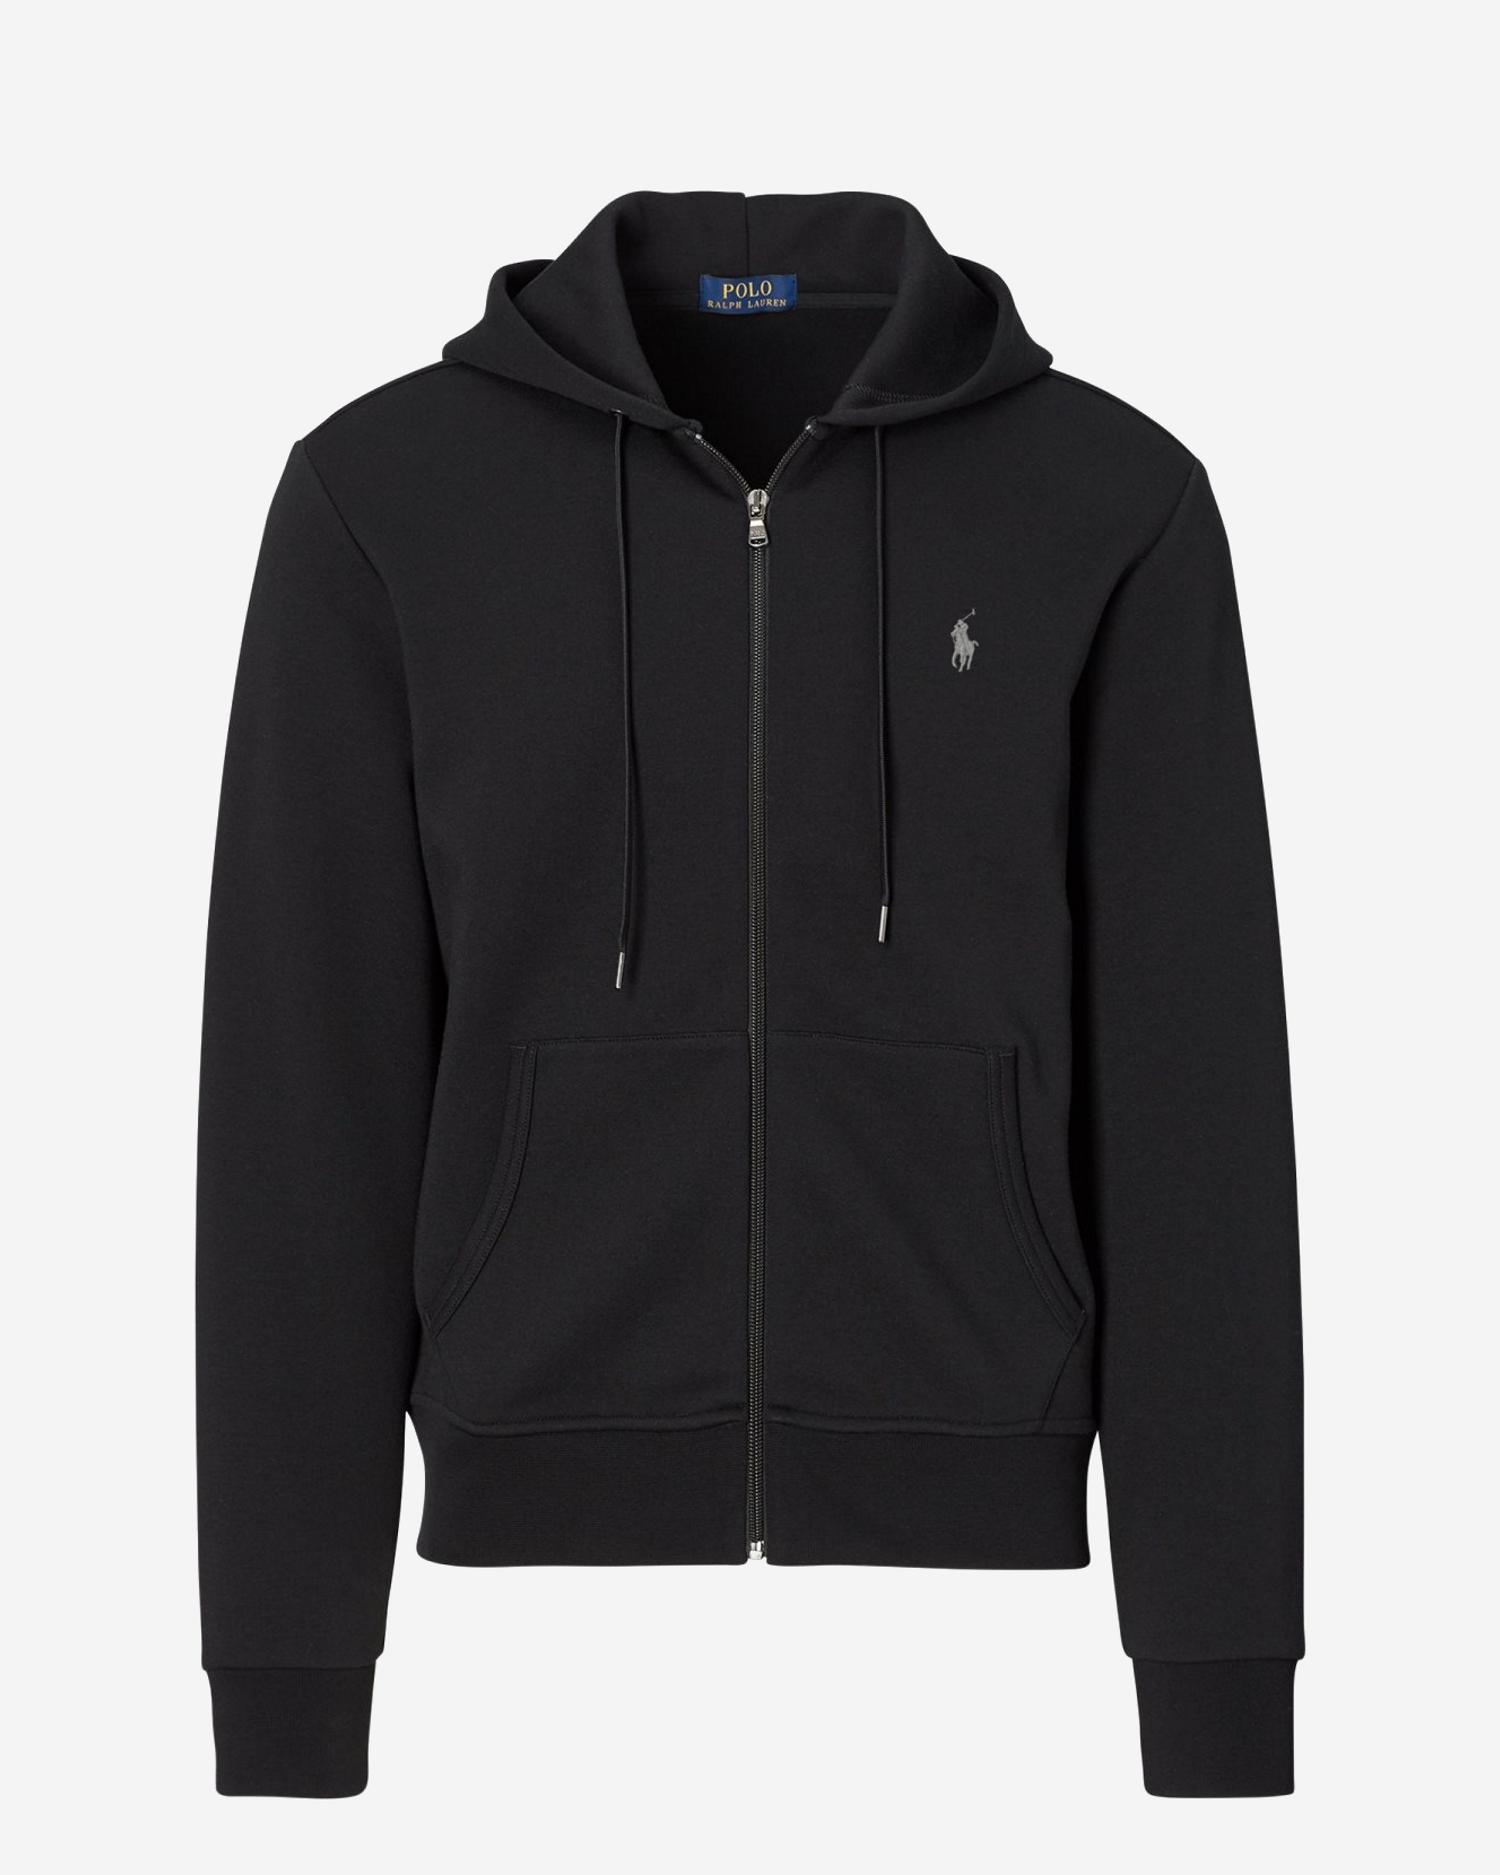 Sweatshirt Zip Polo Ralph Lauren POLO RALPH LAUREN | -108764232 | 710652313001